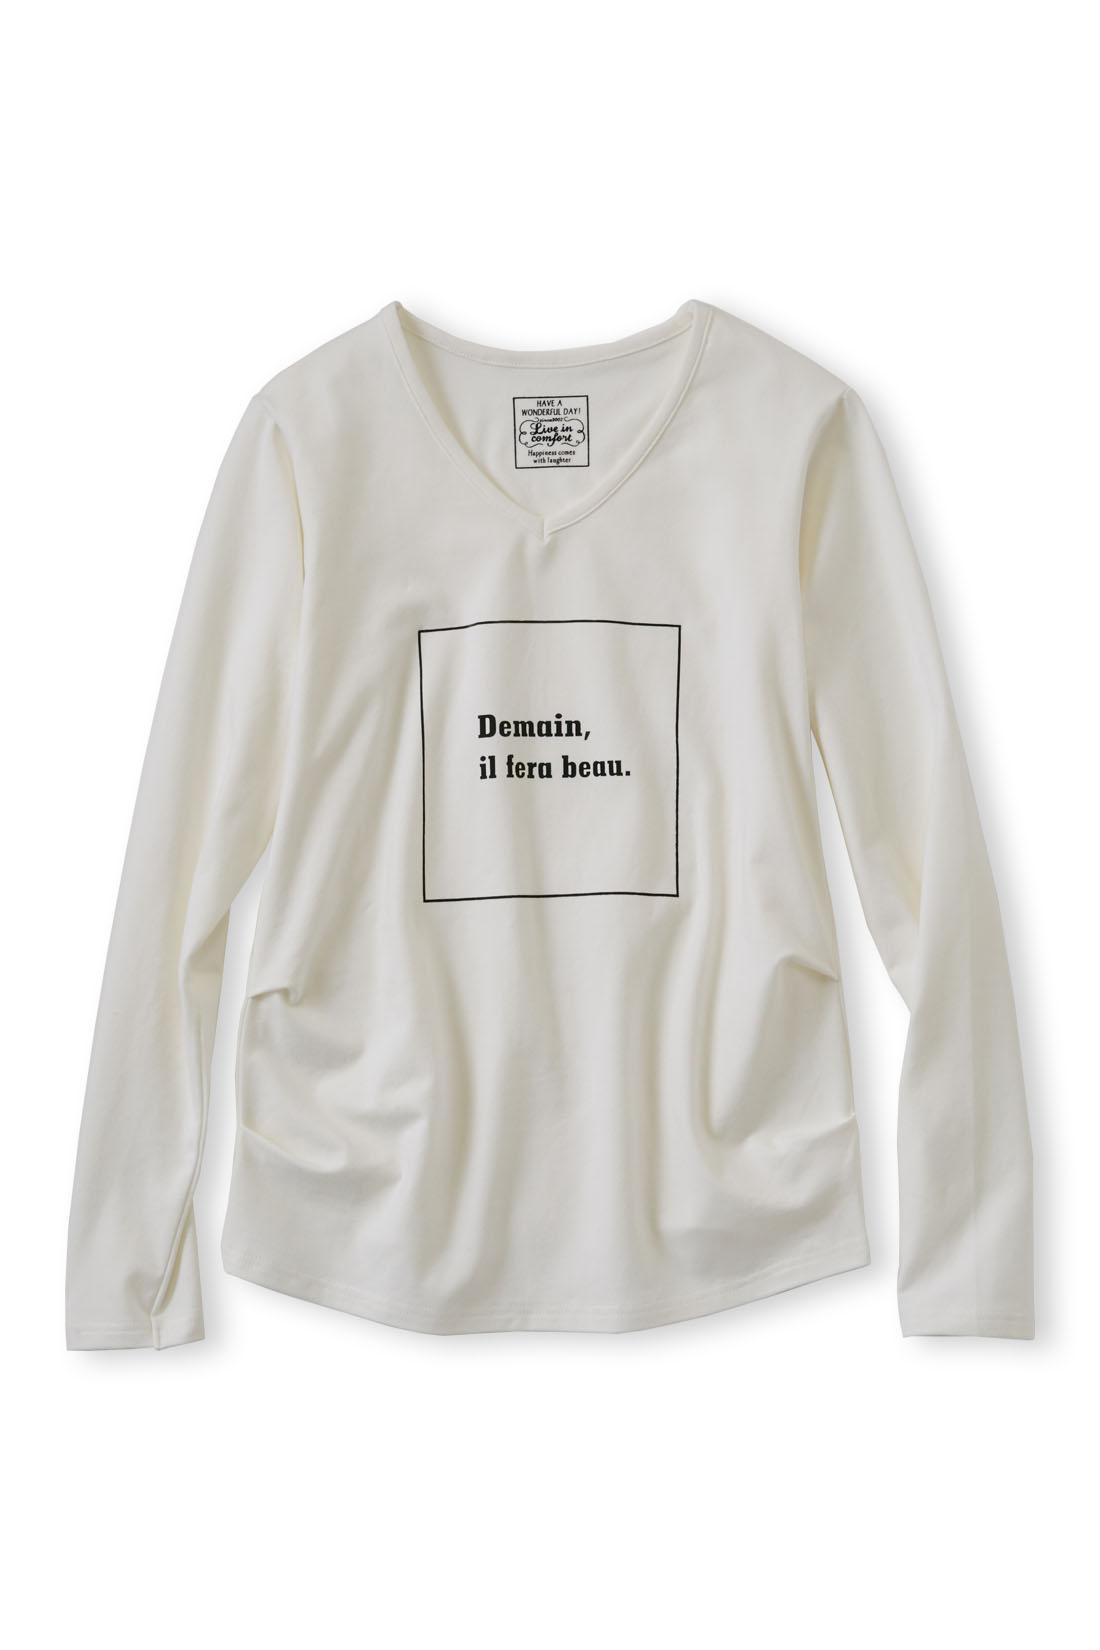 大人っぽくデザインされたロゴが、さりげないこなれ感。 サイドのタックでおなかまわりをカバー。一枚で着てもキマリます。